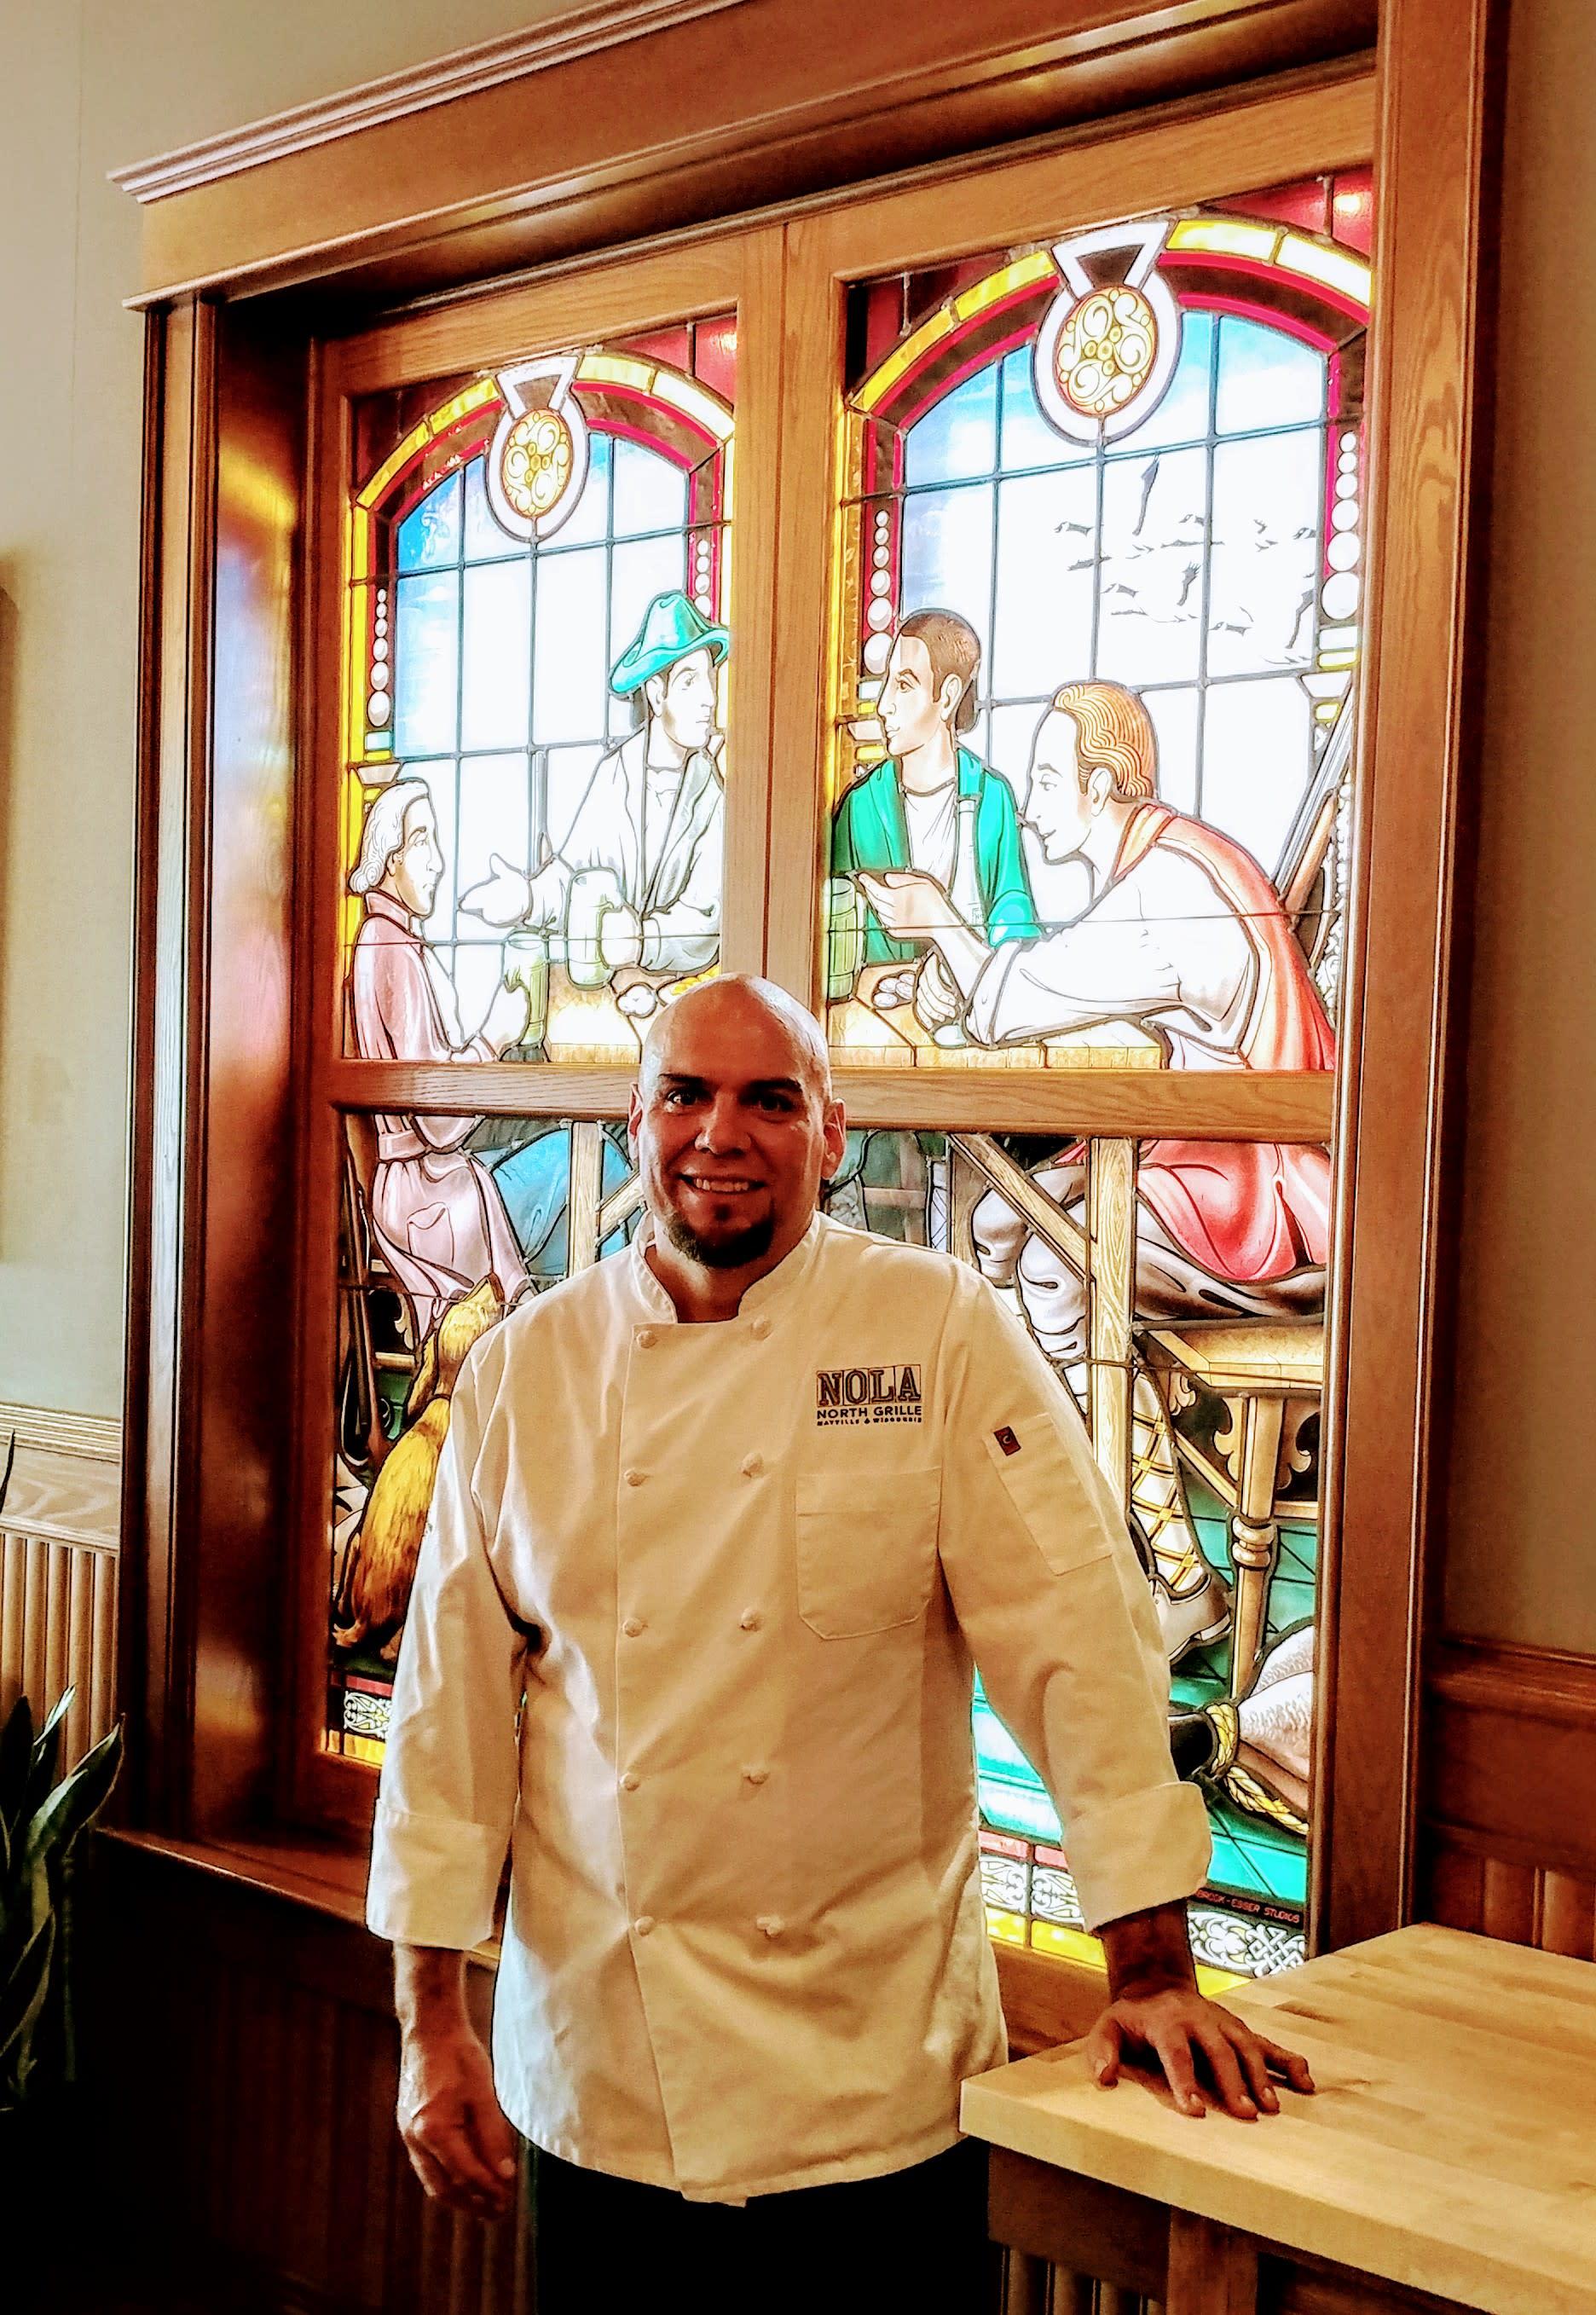 Chef Steven Miller